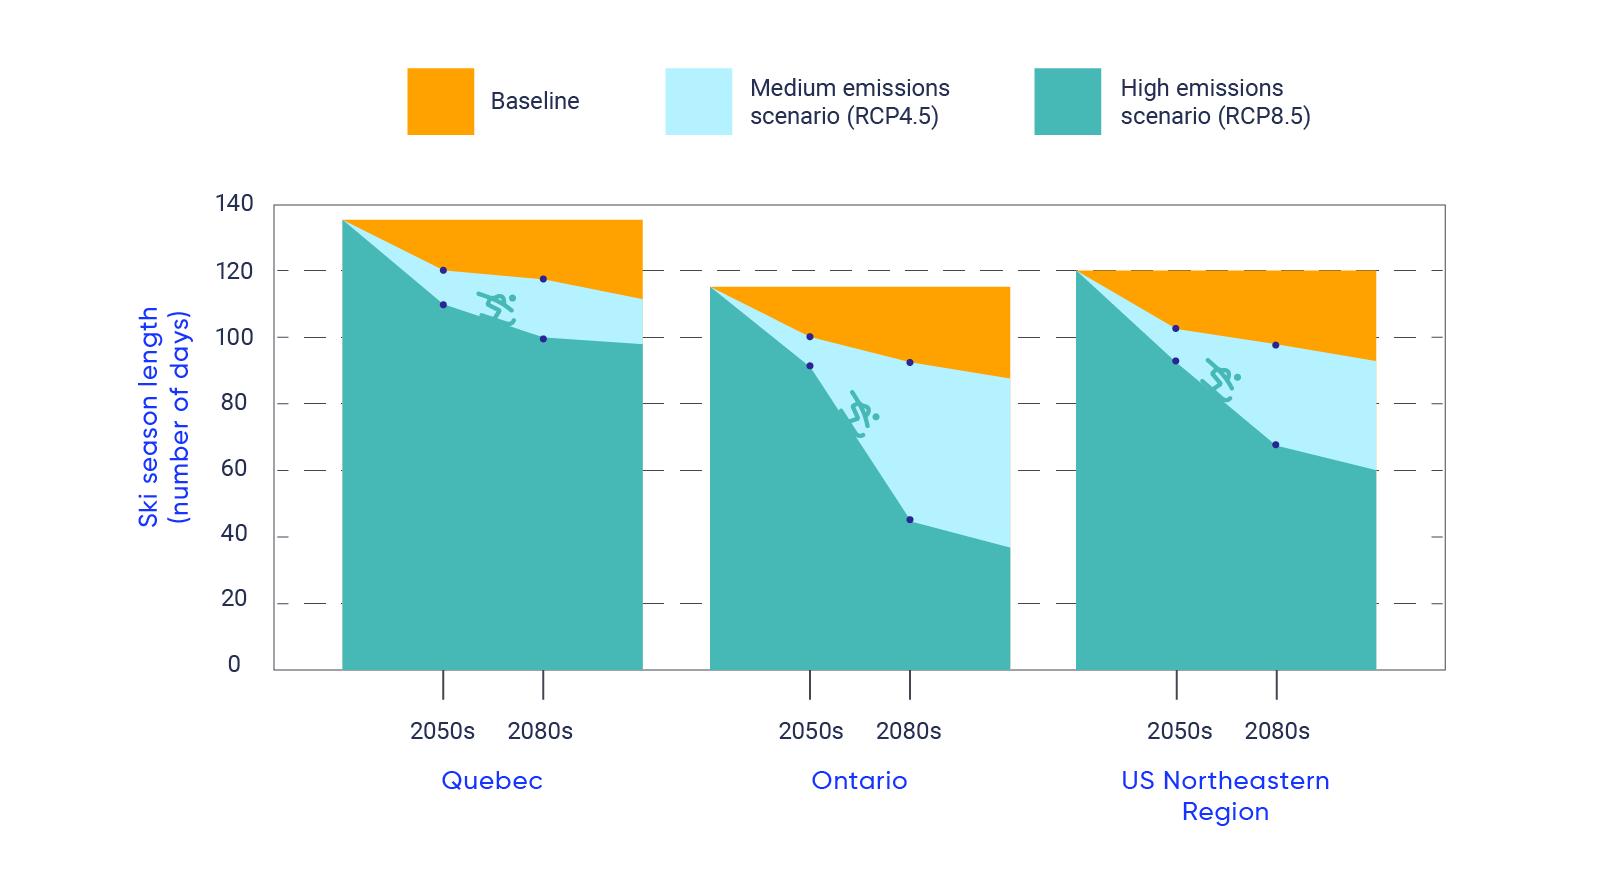 Un graphique à barres montrant les données de référence et la durée projetée de la saison de ski, mesurée en nombre de jours, au Québec, en Ontario et dans le nord-est des États-Unis. Au Québec, la durée de la saison de référence est de 137 jours. Selon le scénario RCP4.5, la durée de la saison de ski devrait être de 121 jours dans les années 2050 et de 119 jours dans les années 2080. Selon le scénario RCP8.5, la durée de la saison devrait être de 116 jours dans les années 2050 et de 106 jours dans les années 2080. En Ontario, la durée de la saison de référence est de 117 jours. Selon le scénario RCP4.5, la durée de la saison de ski devrait être de 102 jours dans les années 2050 et de 96 jours dans les années 2080. Selon le scénario RCP8.5, la durée de la saison devrait être de 93 jours dans les années 2050 et de 46 jours dans les années 2080. Dans le nord-est des États-Unis, la durée de la saison de référence est de 121 jours. Selon le scénario RCP4.5, la durée de la saison de ski devrait être de 104 jours dans les années 2050 et de 98 jours dans les années 2080. Selon le scénario RCP8.5, la durée de la saison devrait être de 94 jours dans les années 2050 et de 67 jours dans les années 2080.